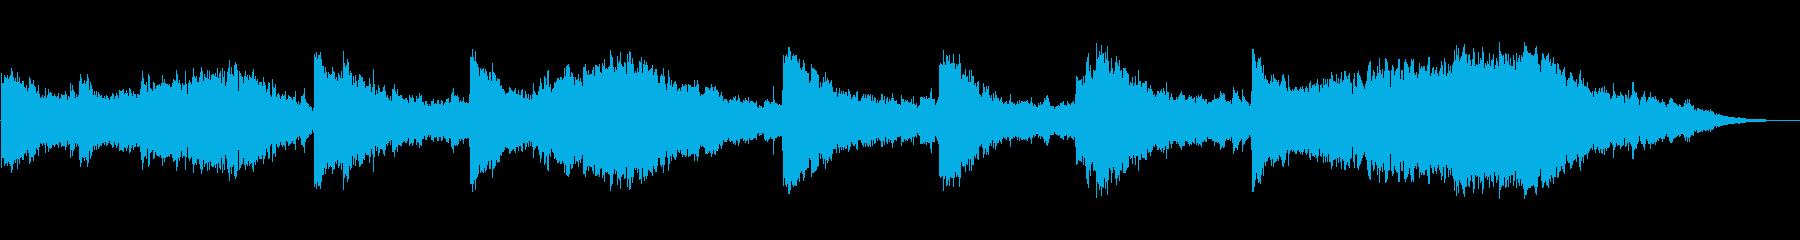 動画 説明的 クール advert...の再生済みの波形